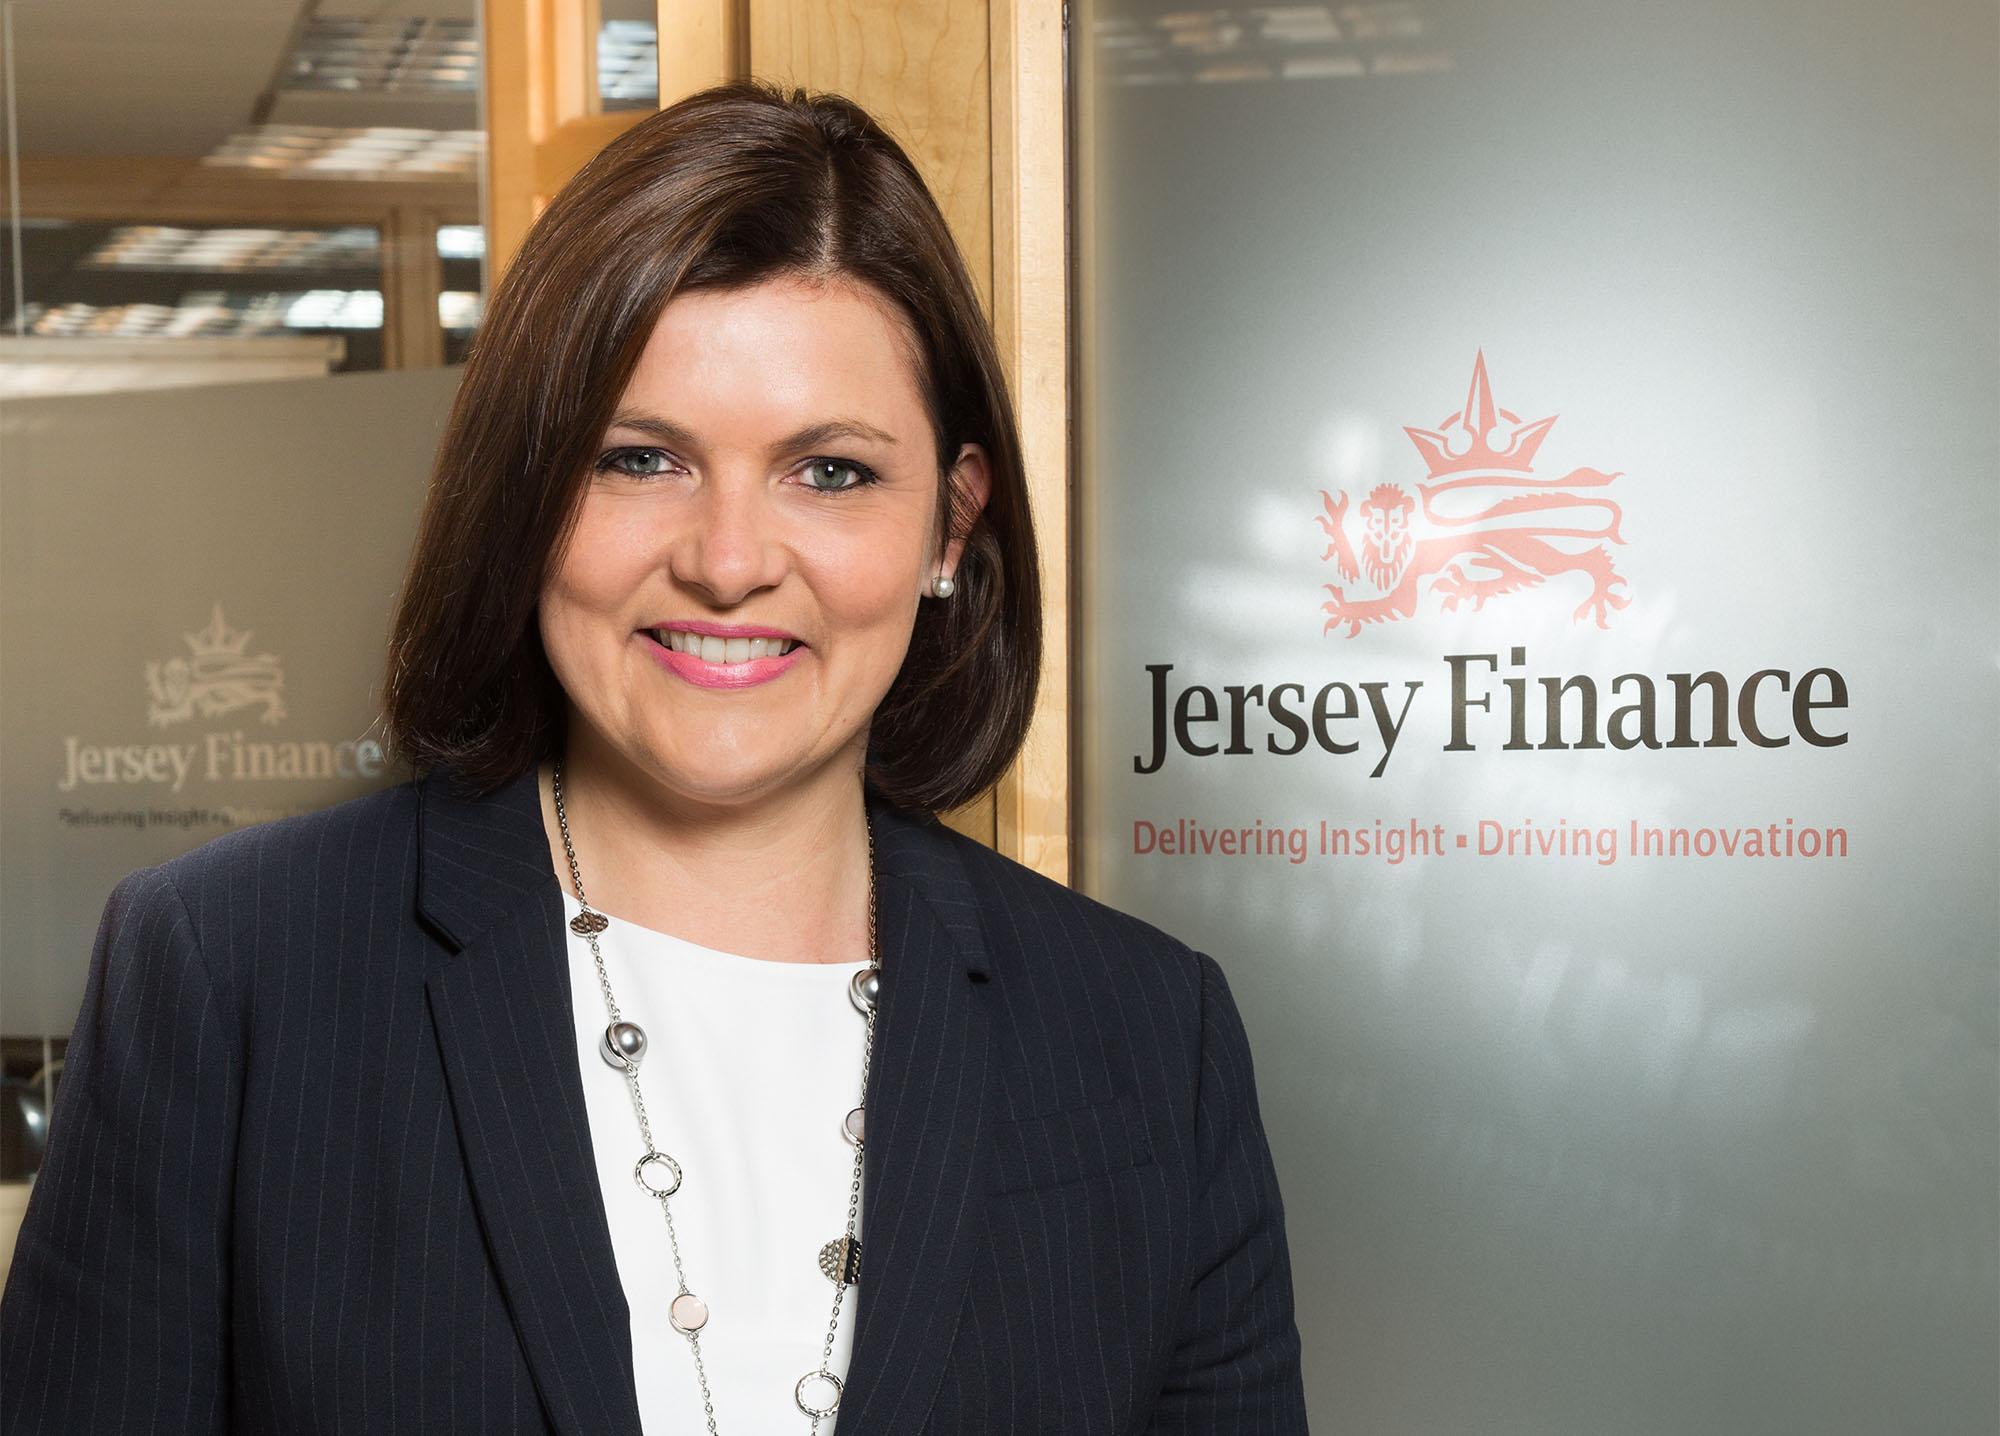 Jersey Finance